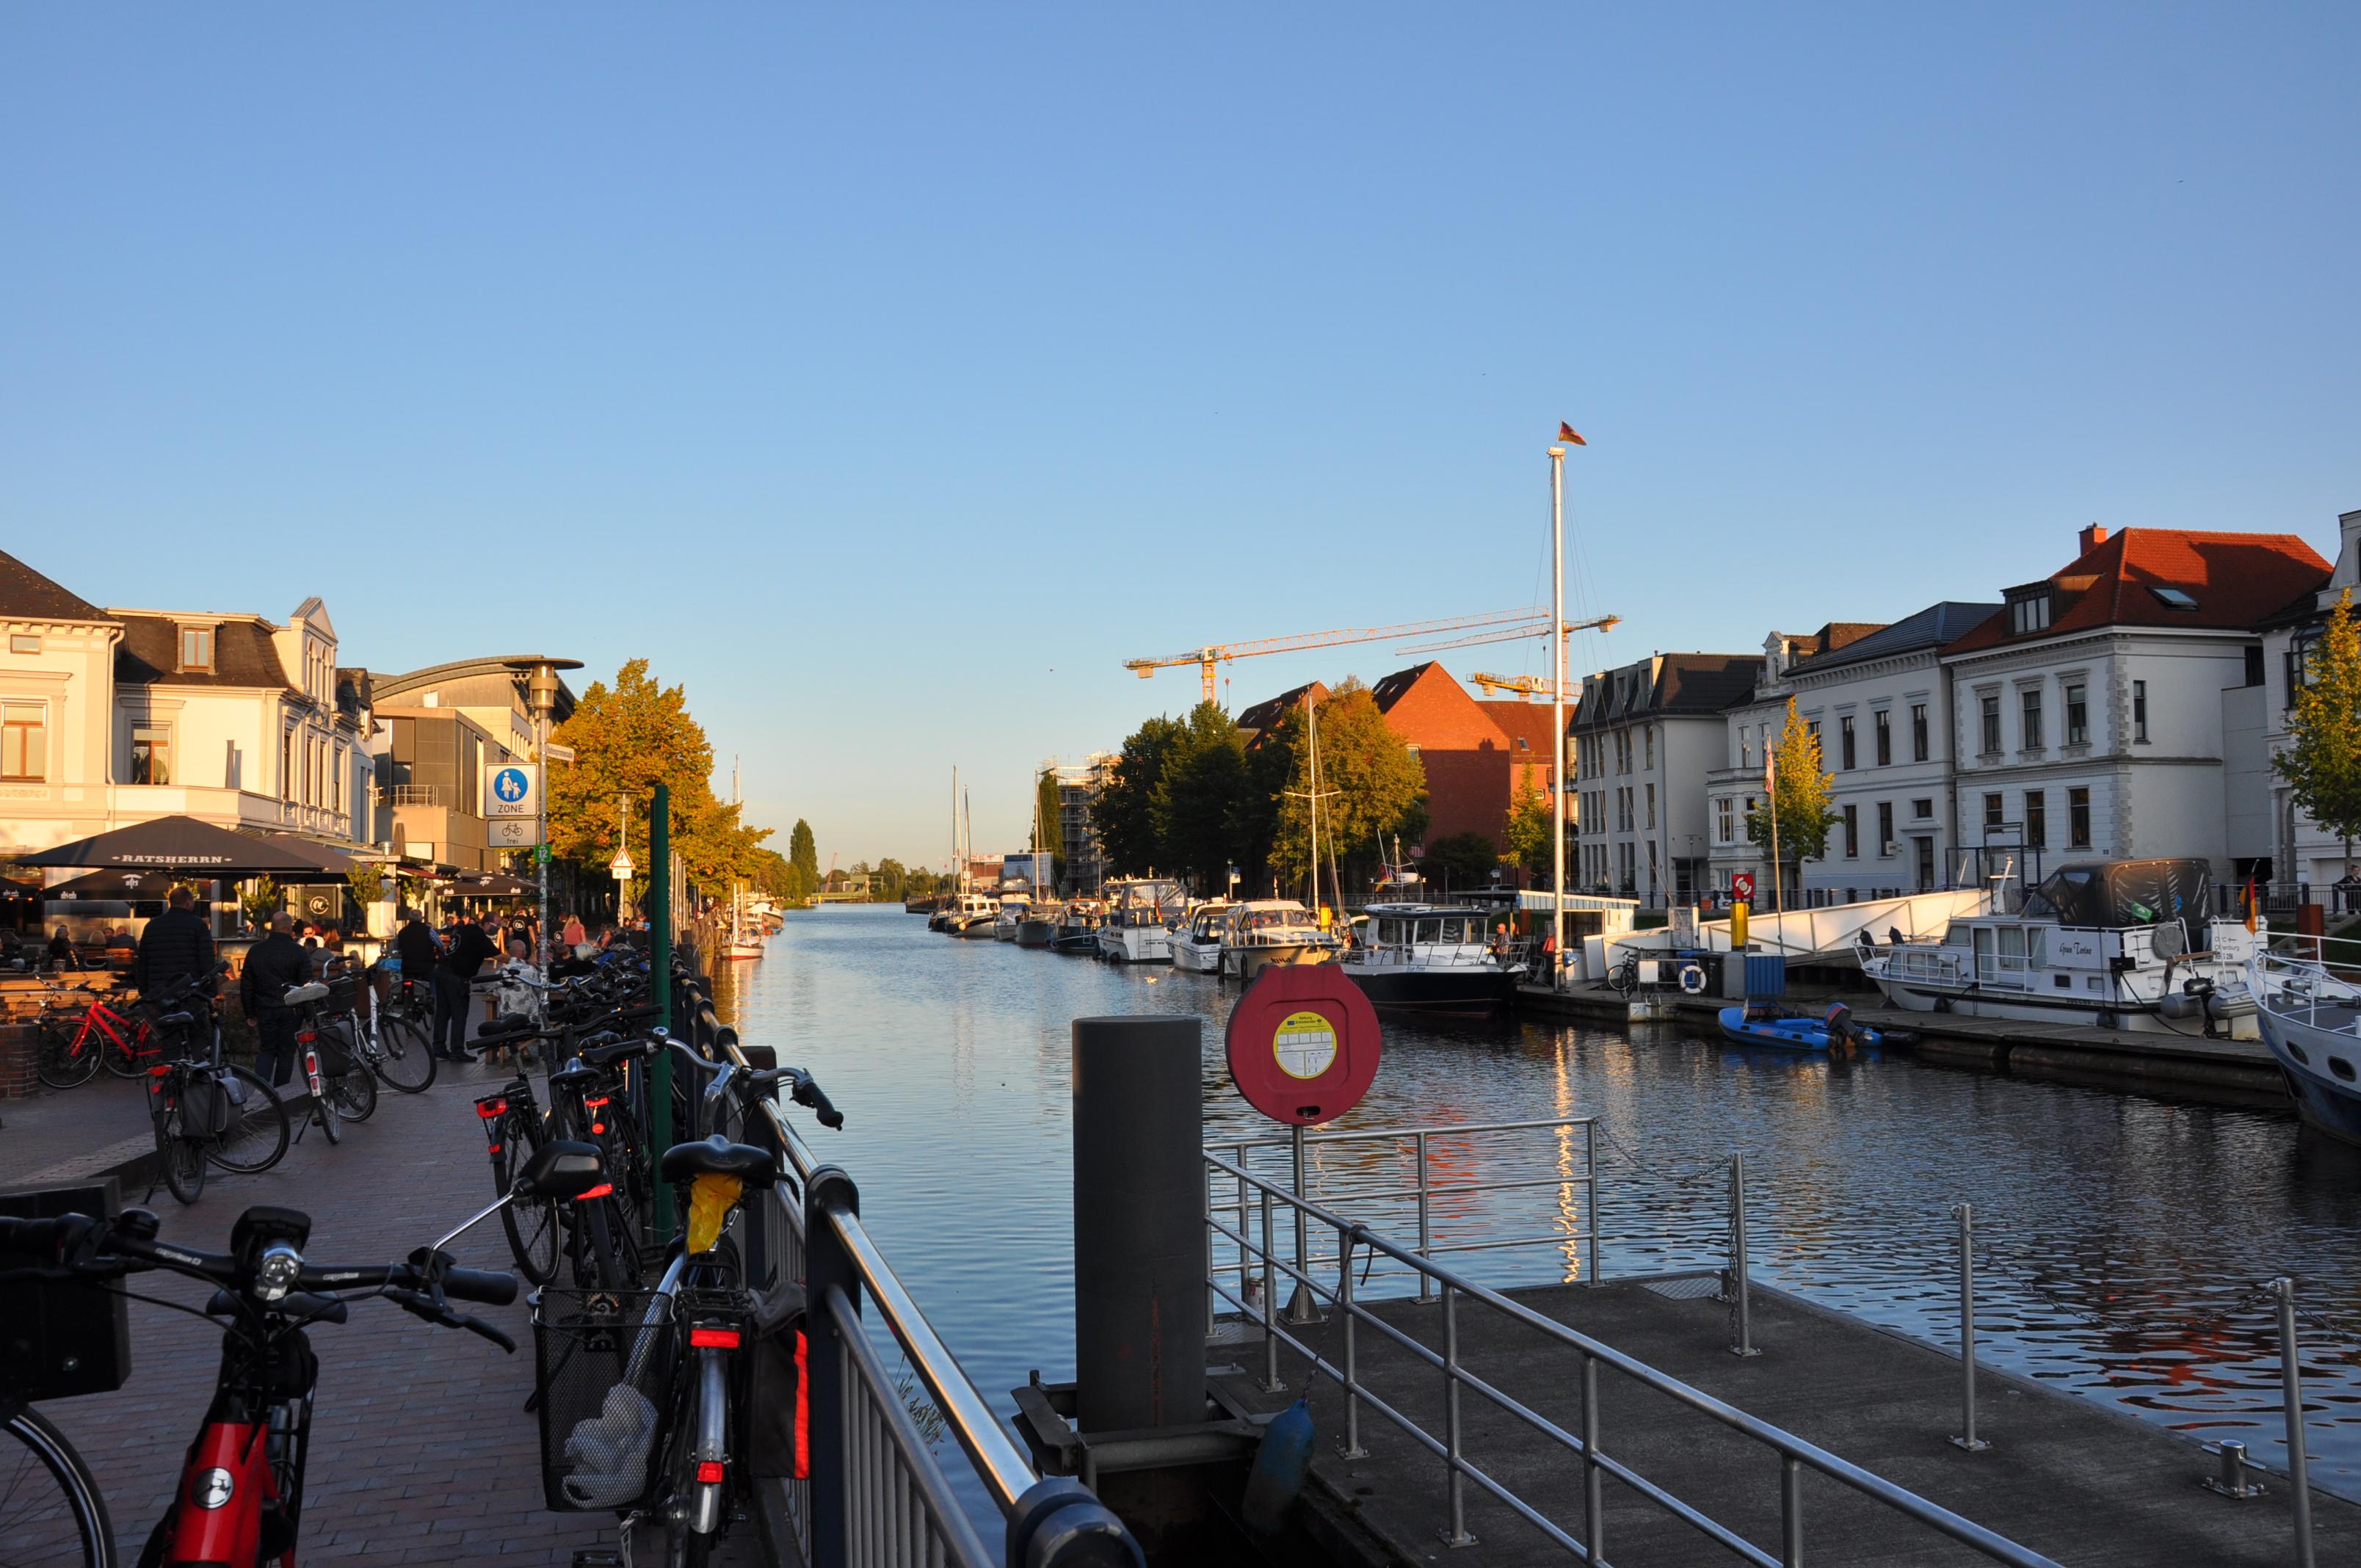 Hafen Oldenburg am Stau